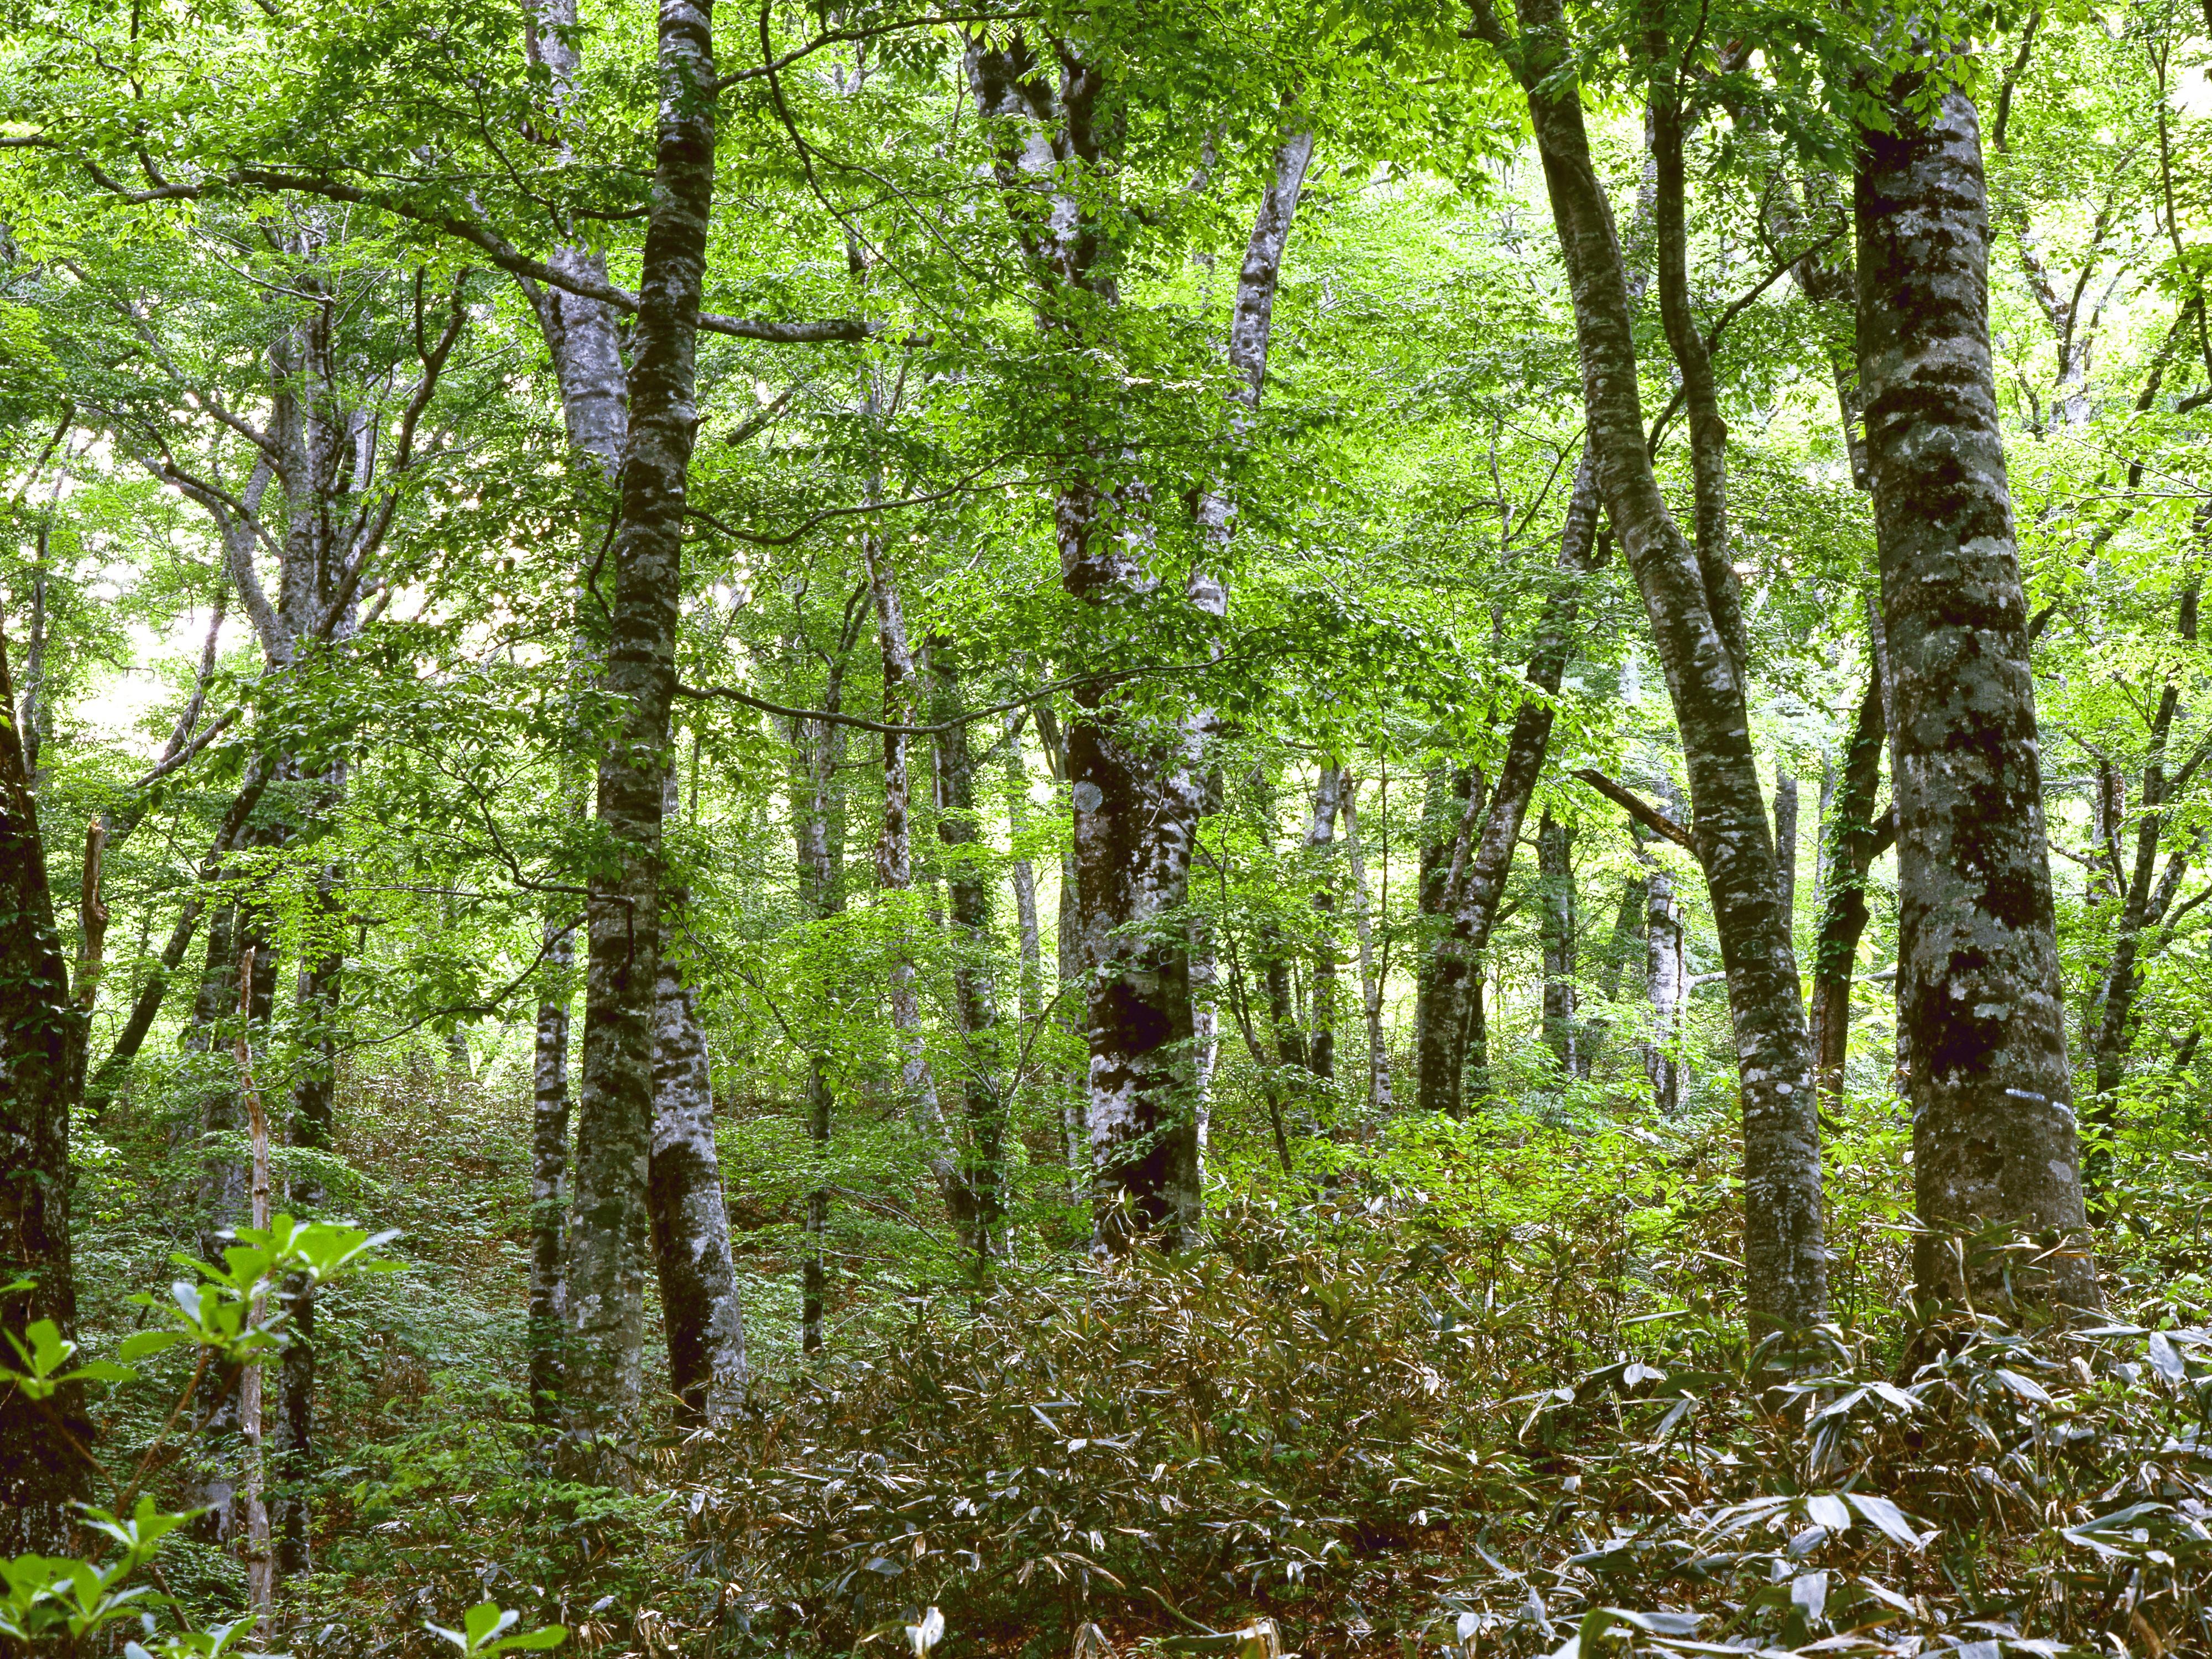 этом картинки растения смешанных лесов этой фотографии